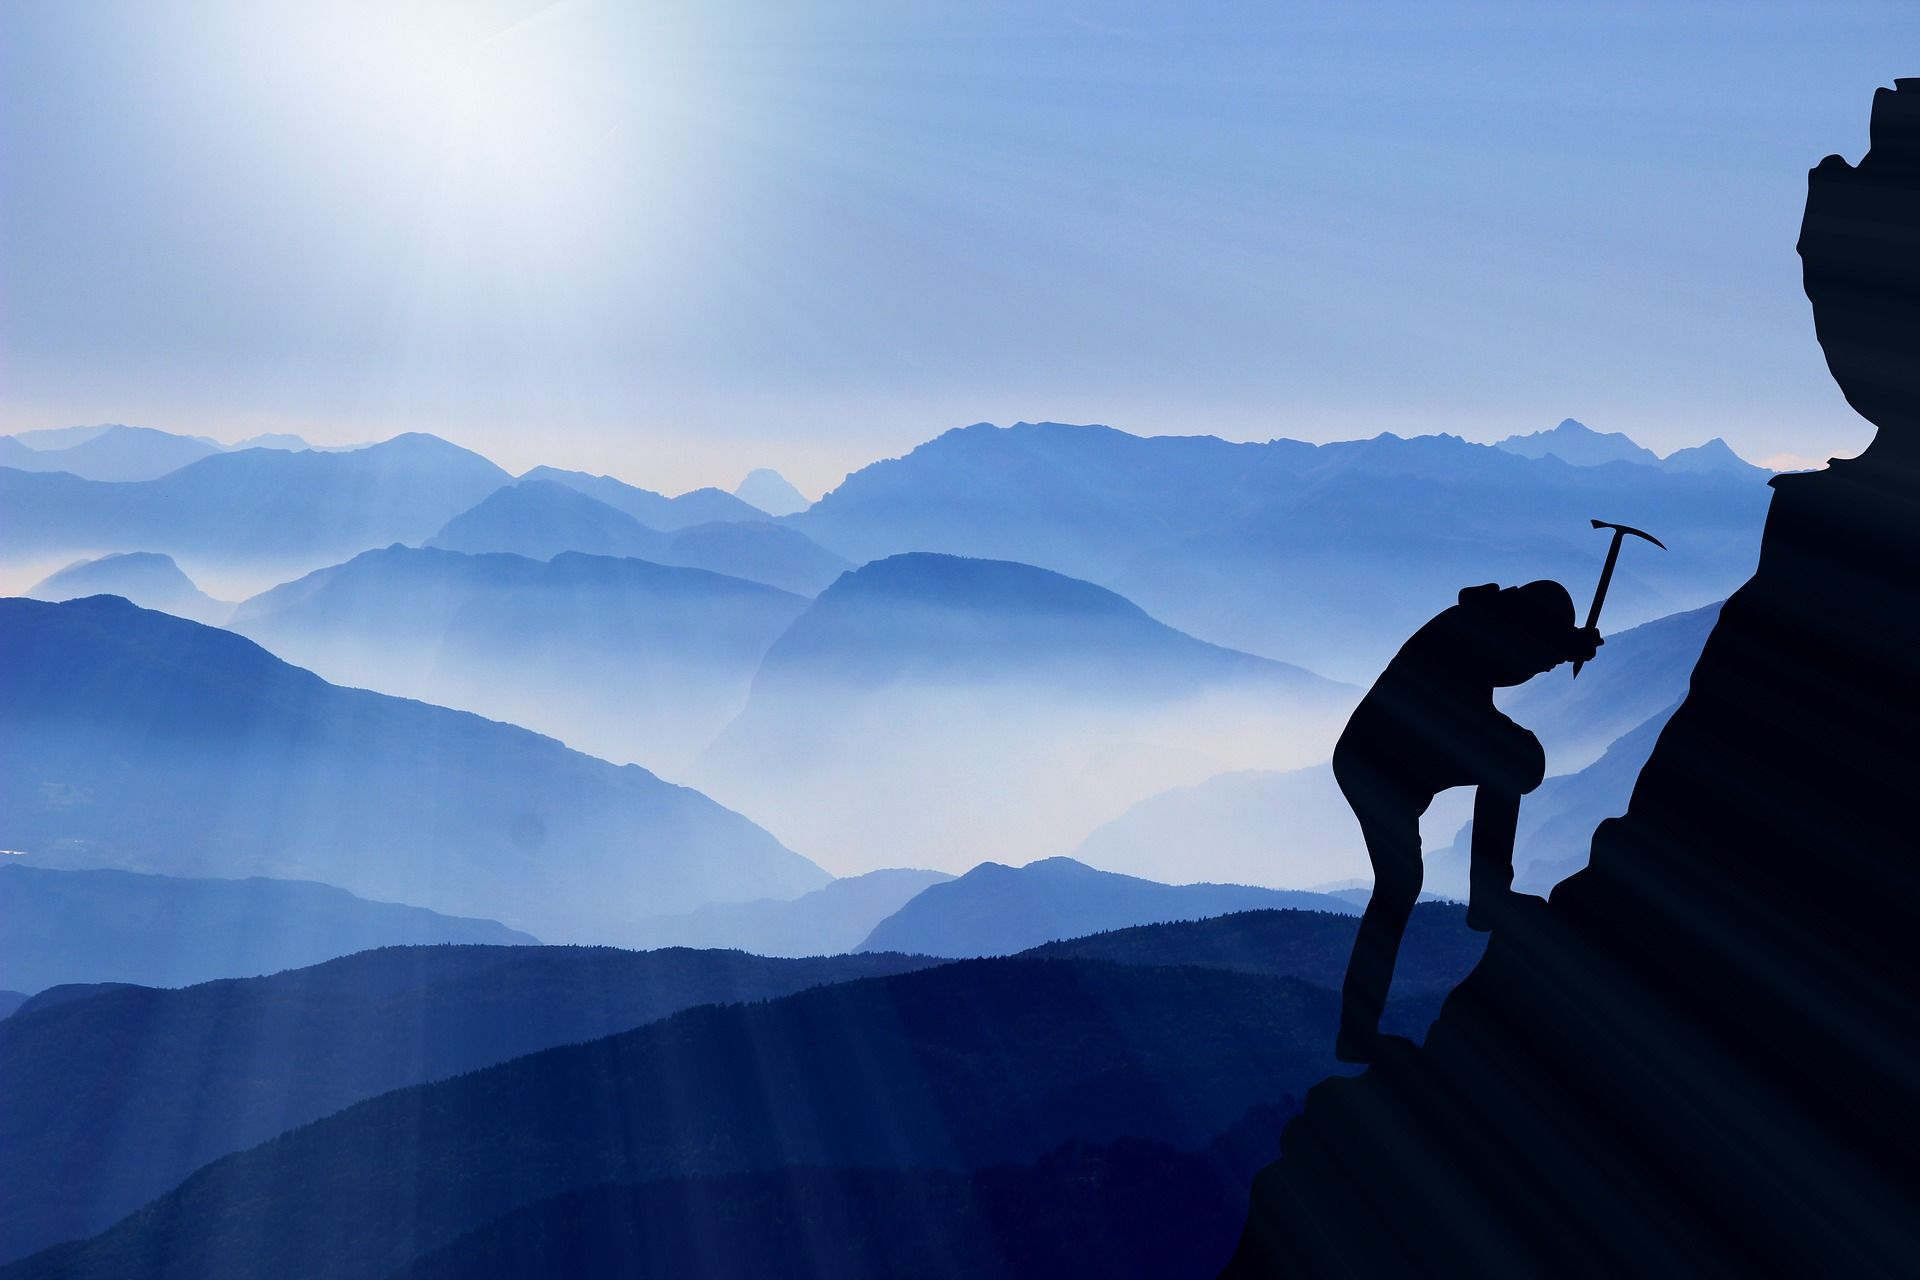 Success struggle, mountaineer